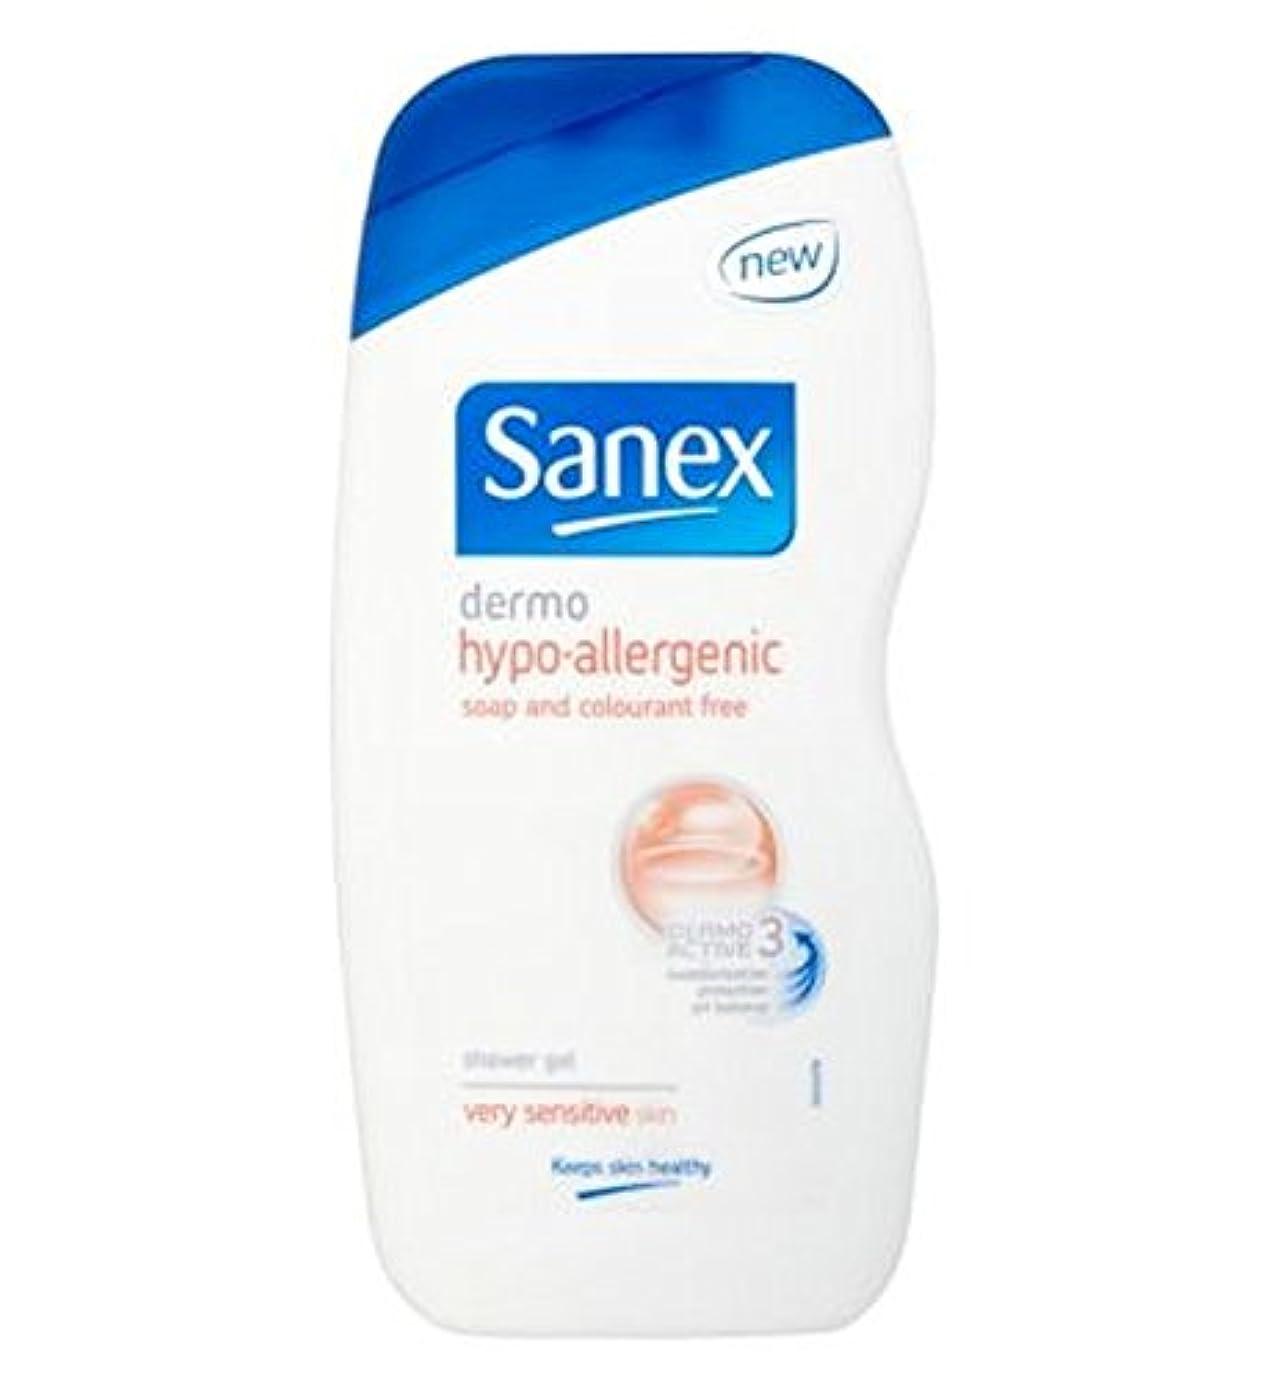 遺伝子具体的にグループSanex Hypoallergenic Shower Gel 500ml - Sanex低刺激性のシャワージェル500ミリリットル (Sanex) [並行輸入品]